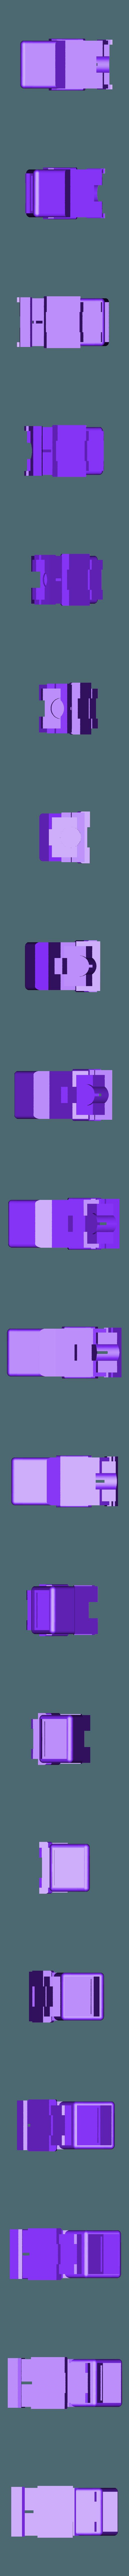 Sight.stl Télécharger fichier STL gratuit Le concept du fusil Khan de Marvels The Exiles • Plan pour imprimante 3D, Dsk